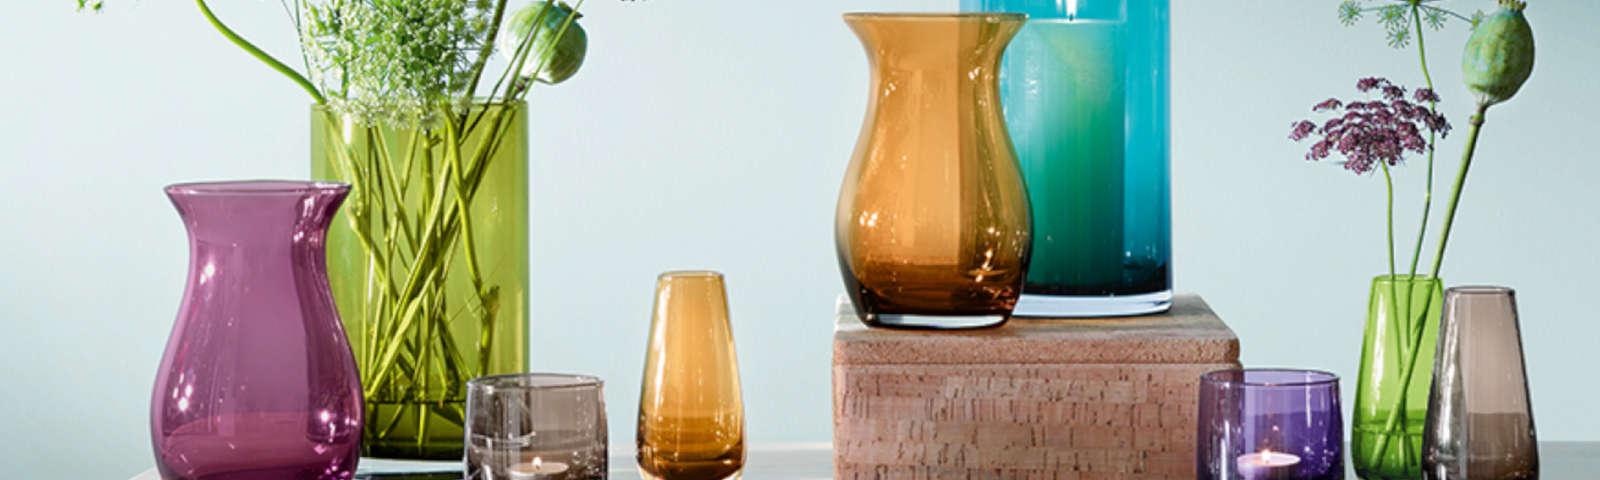 вазы напольный стеклянные